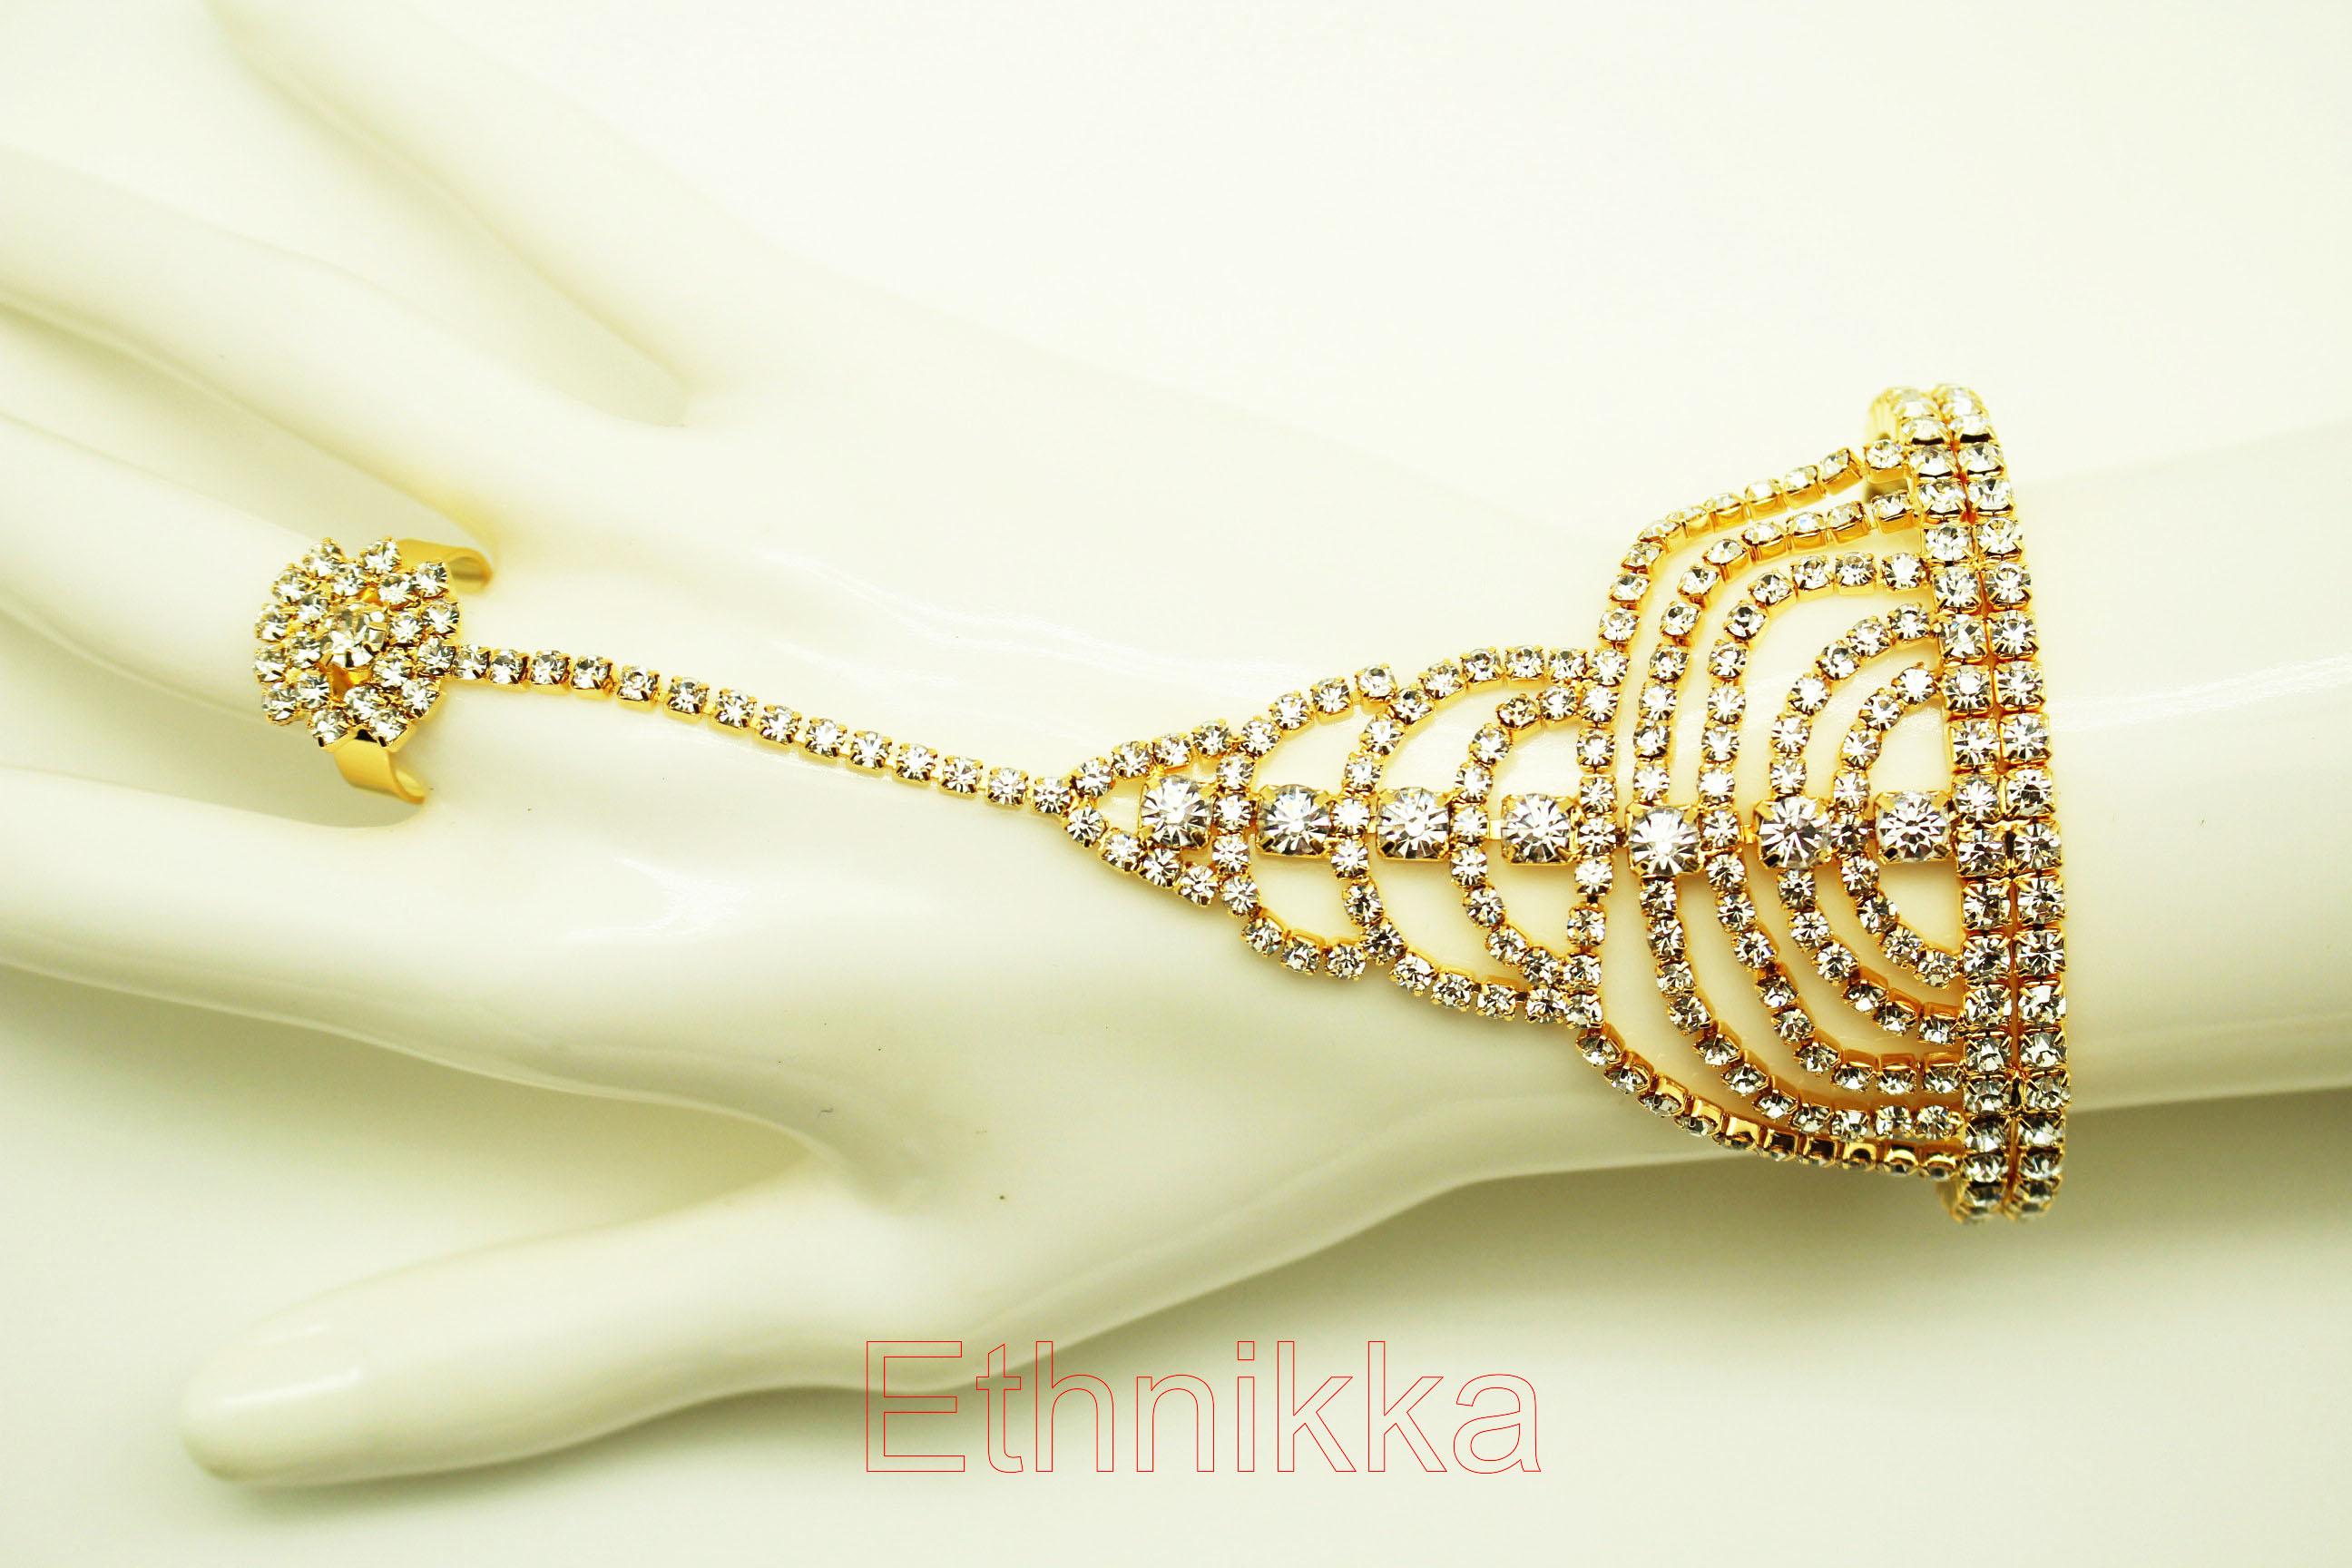 nouveau style et luxe taille 40 une grande variété de modèles Achat Bijoux ethniques indiens plaqué or bracelet bague